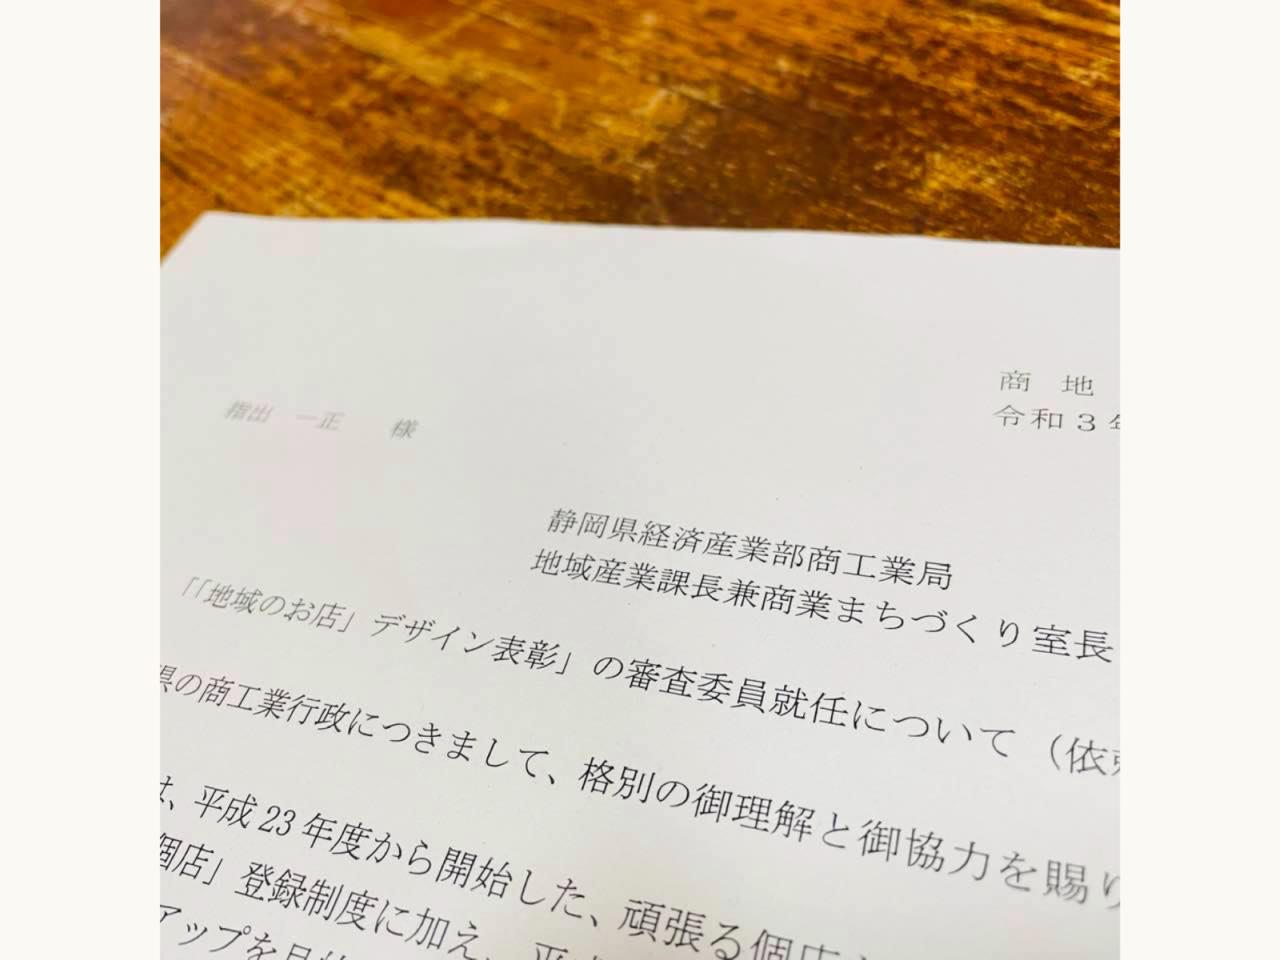 静岡県「『地域のお店』デザイン表彰」審査委員に就任いたしました